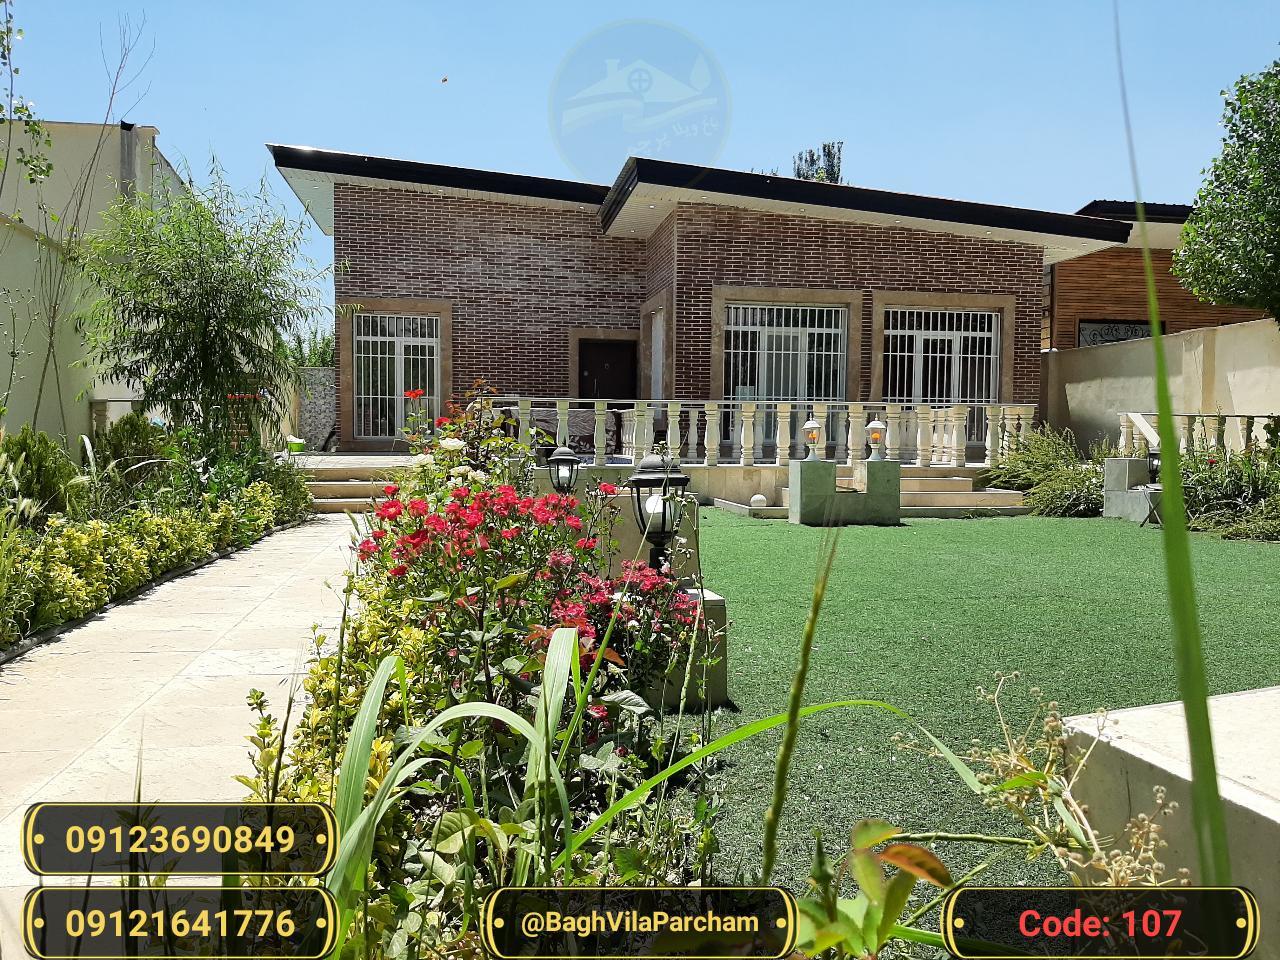 تصویر عکس باغ ویلا شماره 1 از ویلای ۵۰۰ متر ویلا Picture photo image 1 of ۵۰۰ متر ویلا